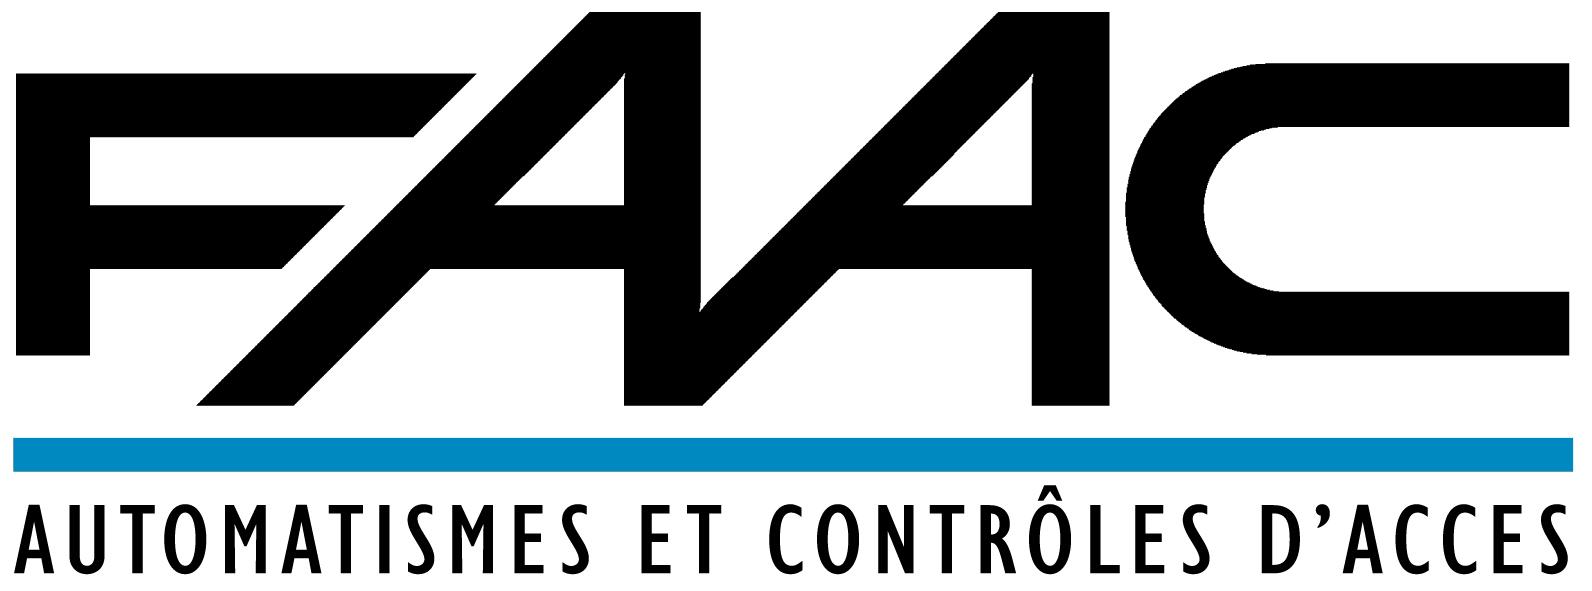 FAAC9 logo